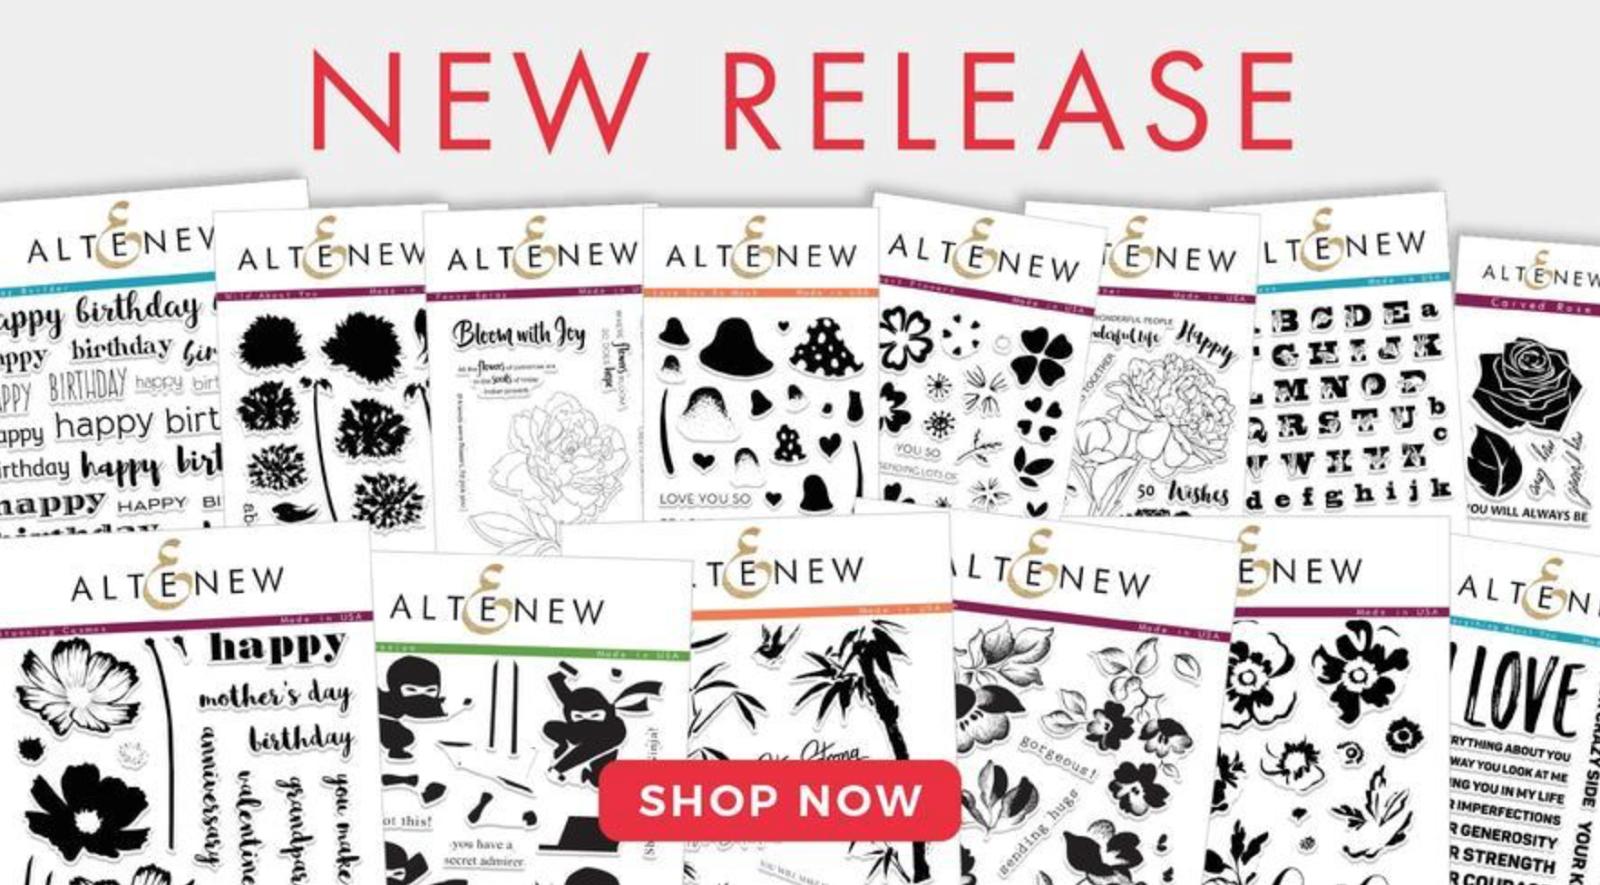 Altenew December 2017 Release